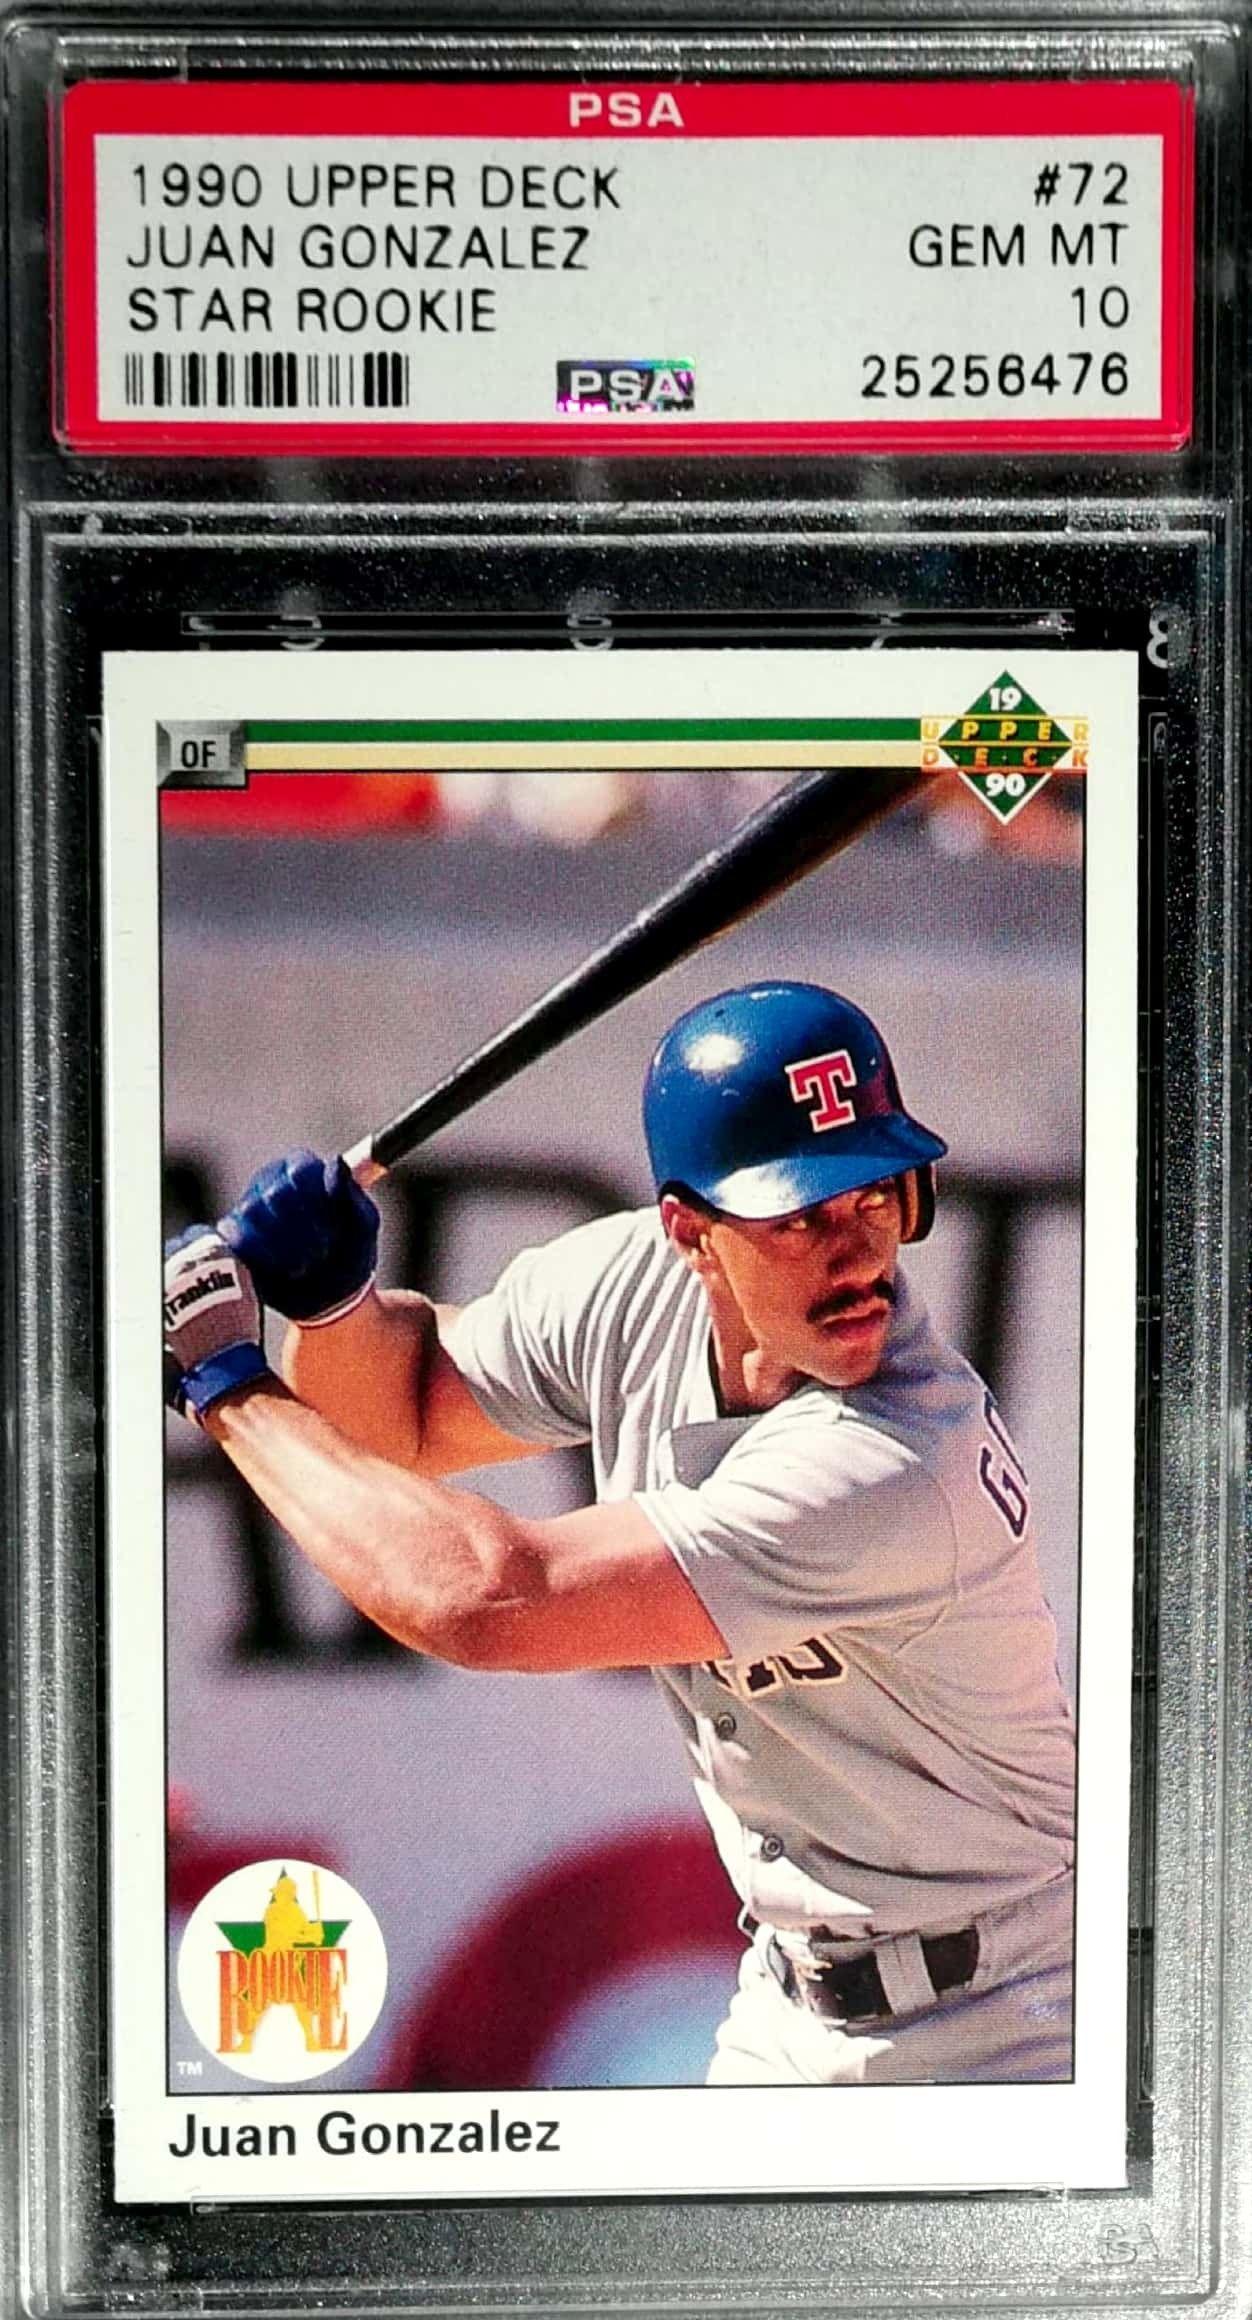 1990 Upper Deck Juan Gonzalez Psa 10 Psa Rated Baseball